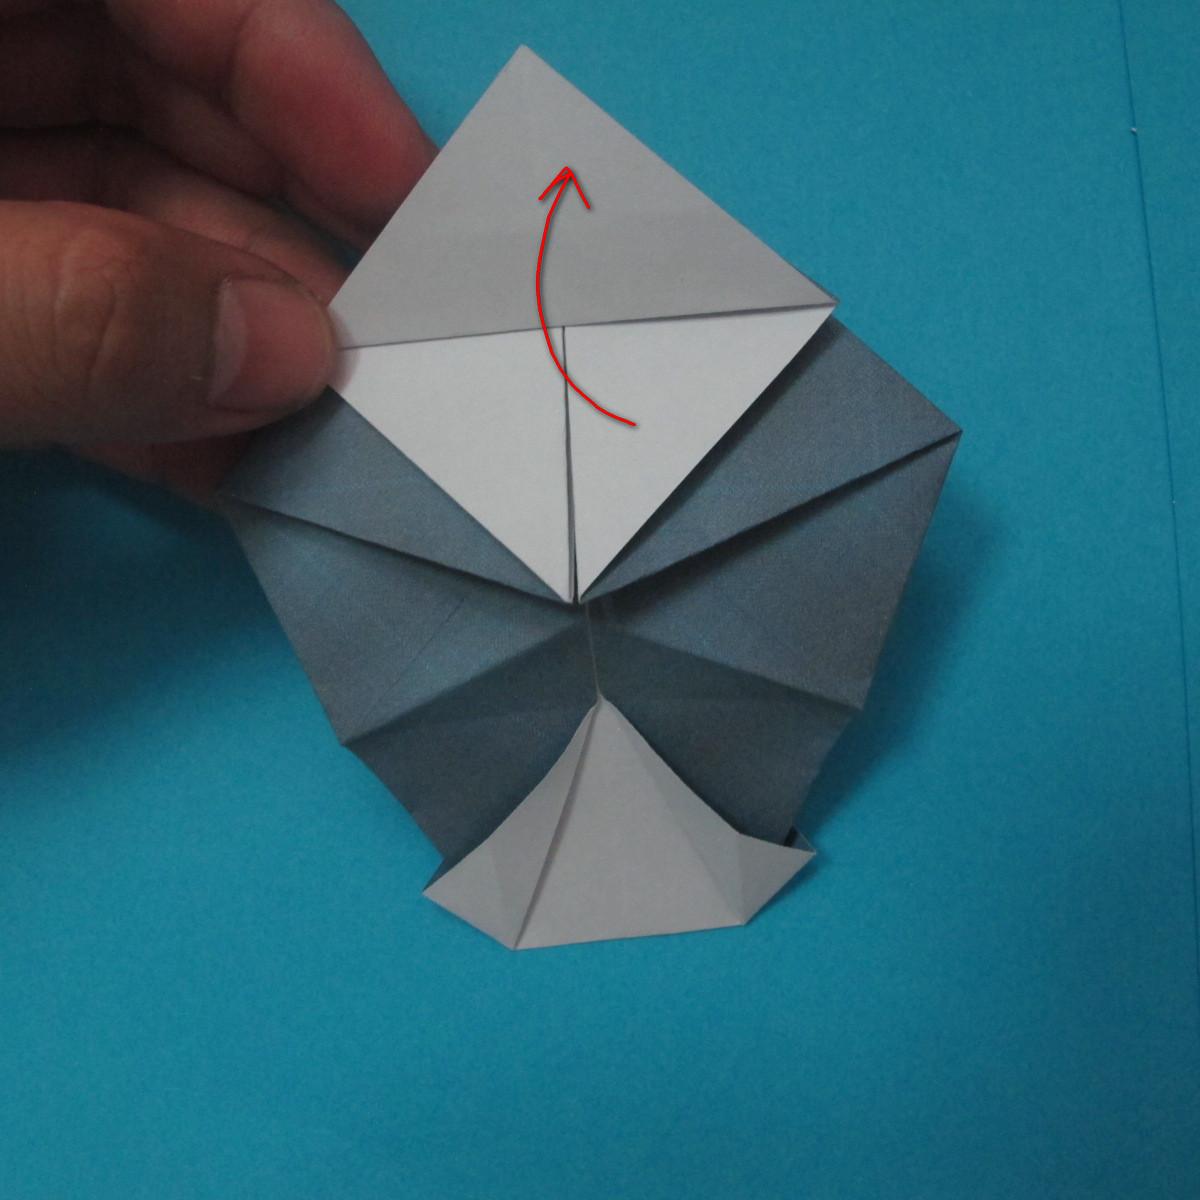 วิธีการพับกระดาษเป็นรูปนกเค้าแมว 020